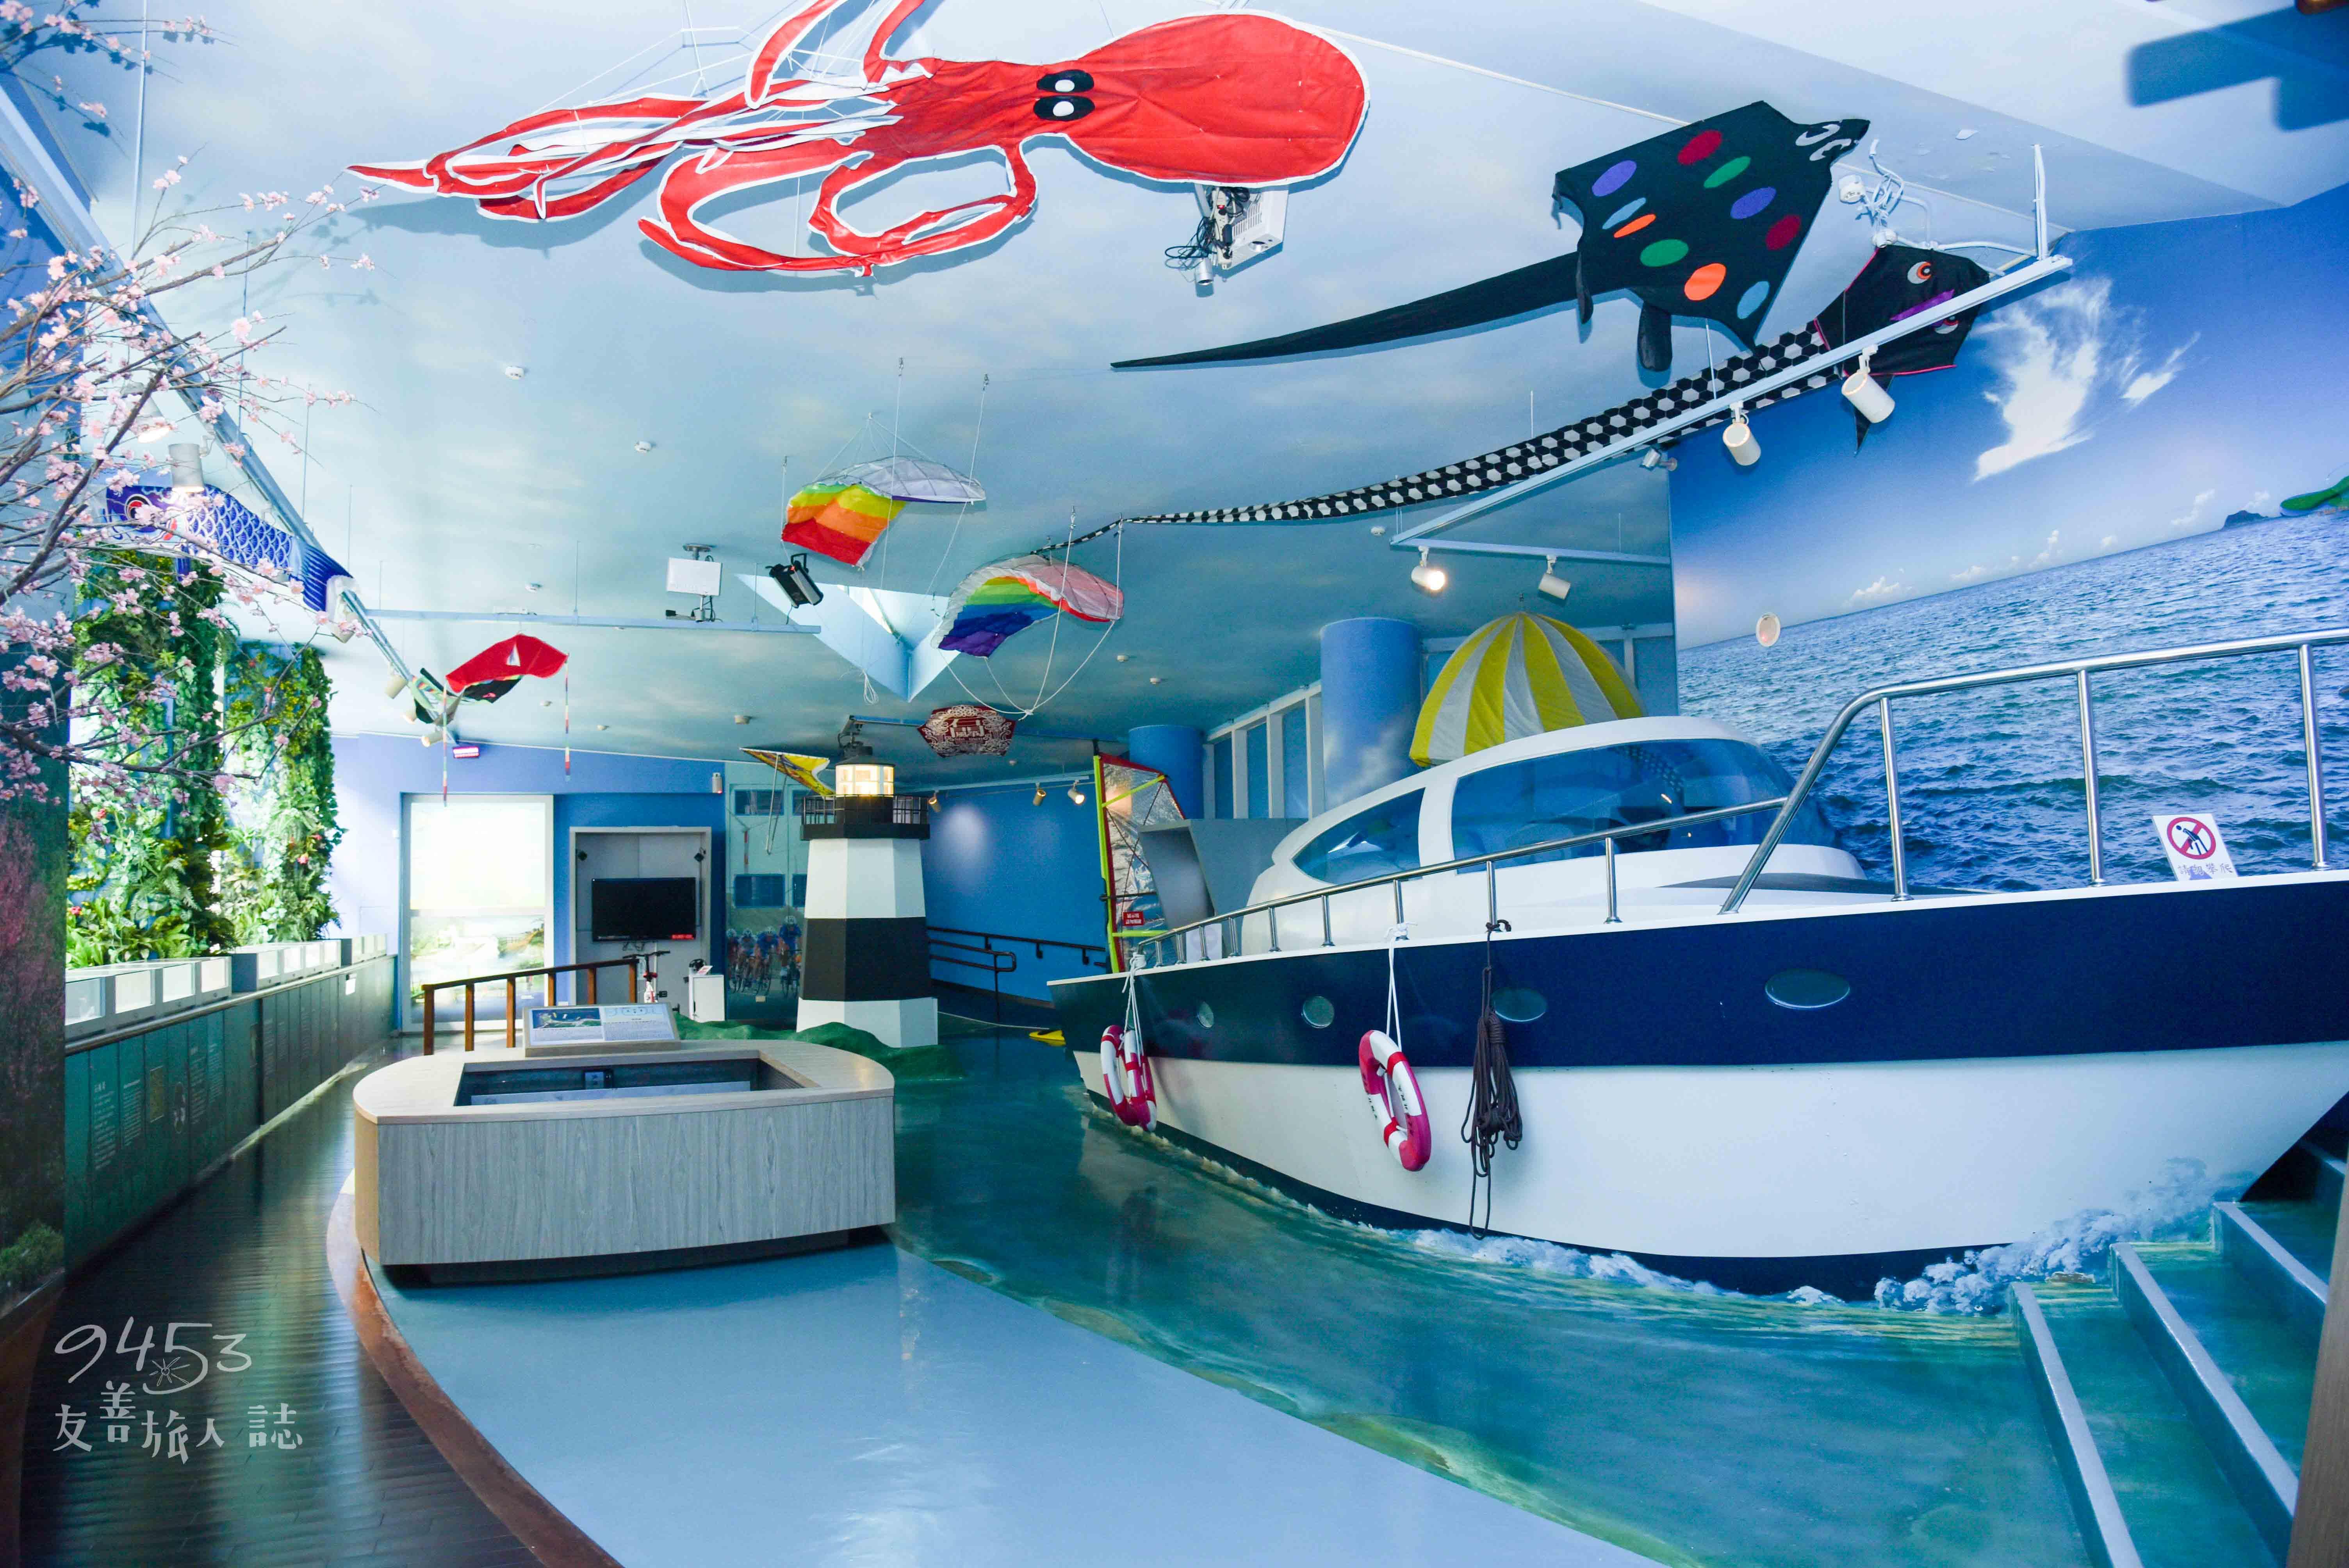 室內探索海洋生態的大寶庫